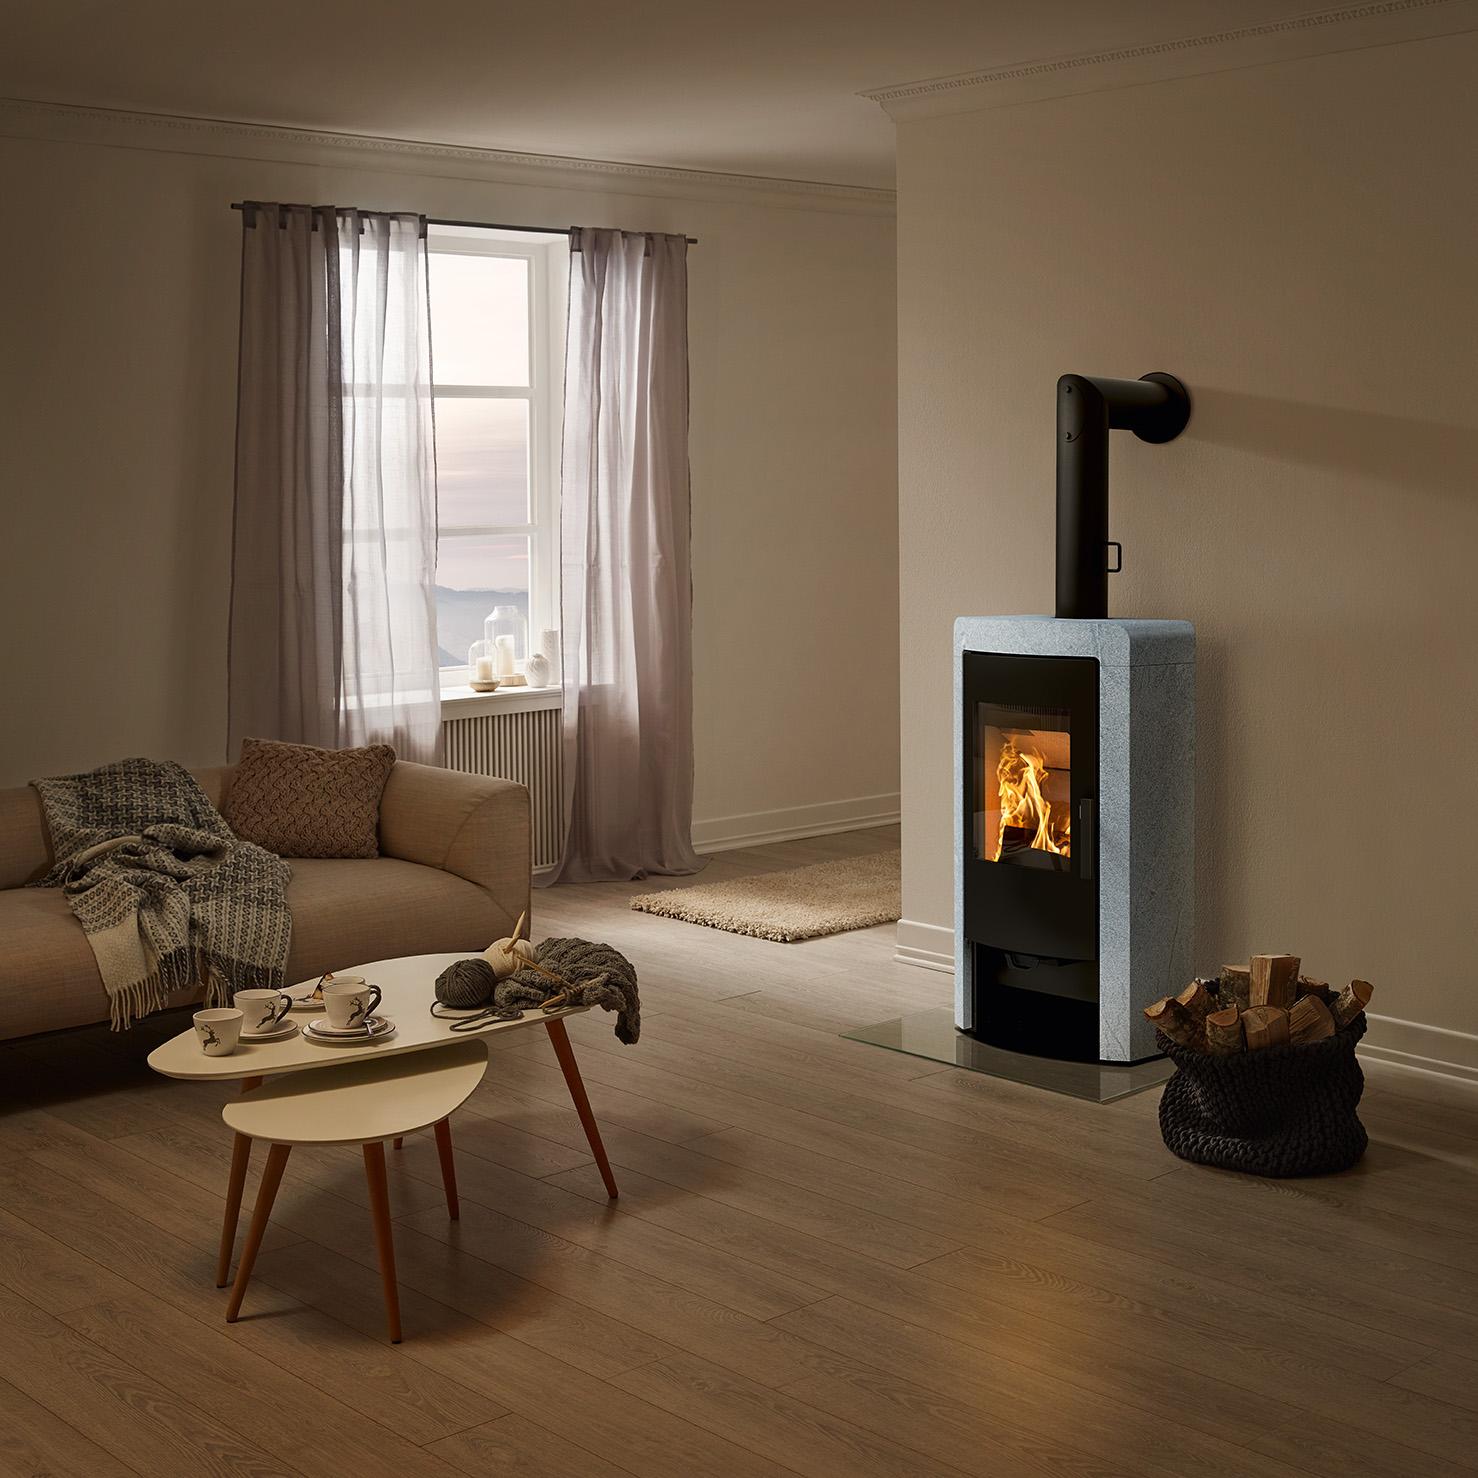 rika nex rudelmann feuer und design bodmann. Black Bedroom Furniture Sets. Home Design Ideas